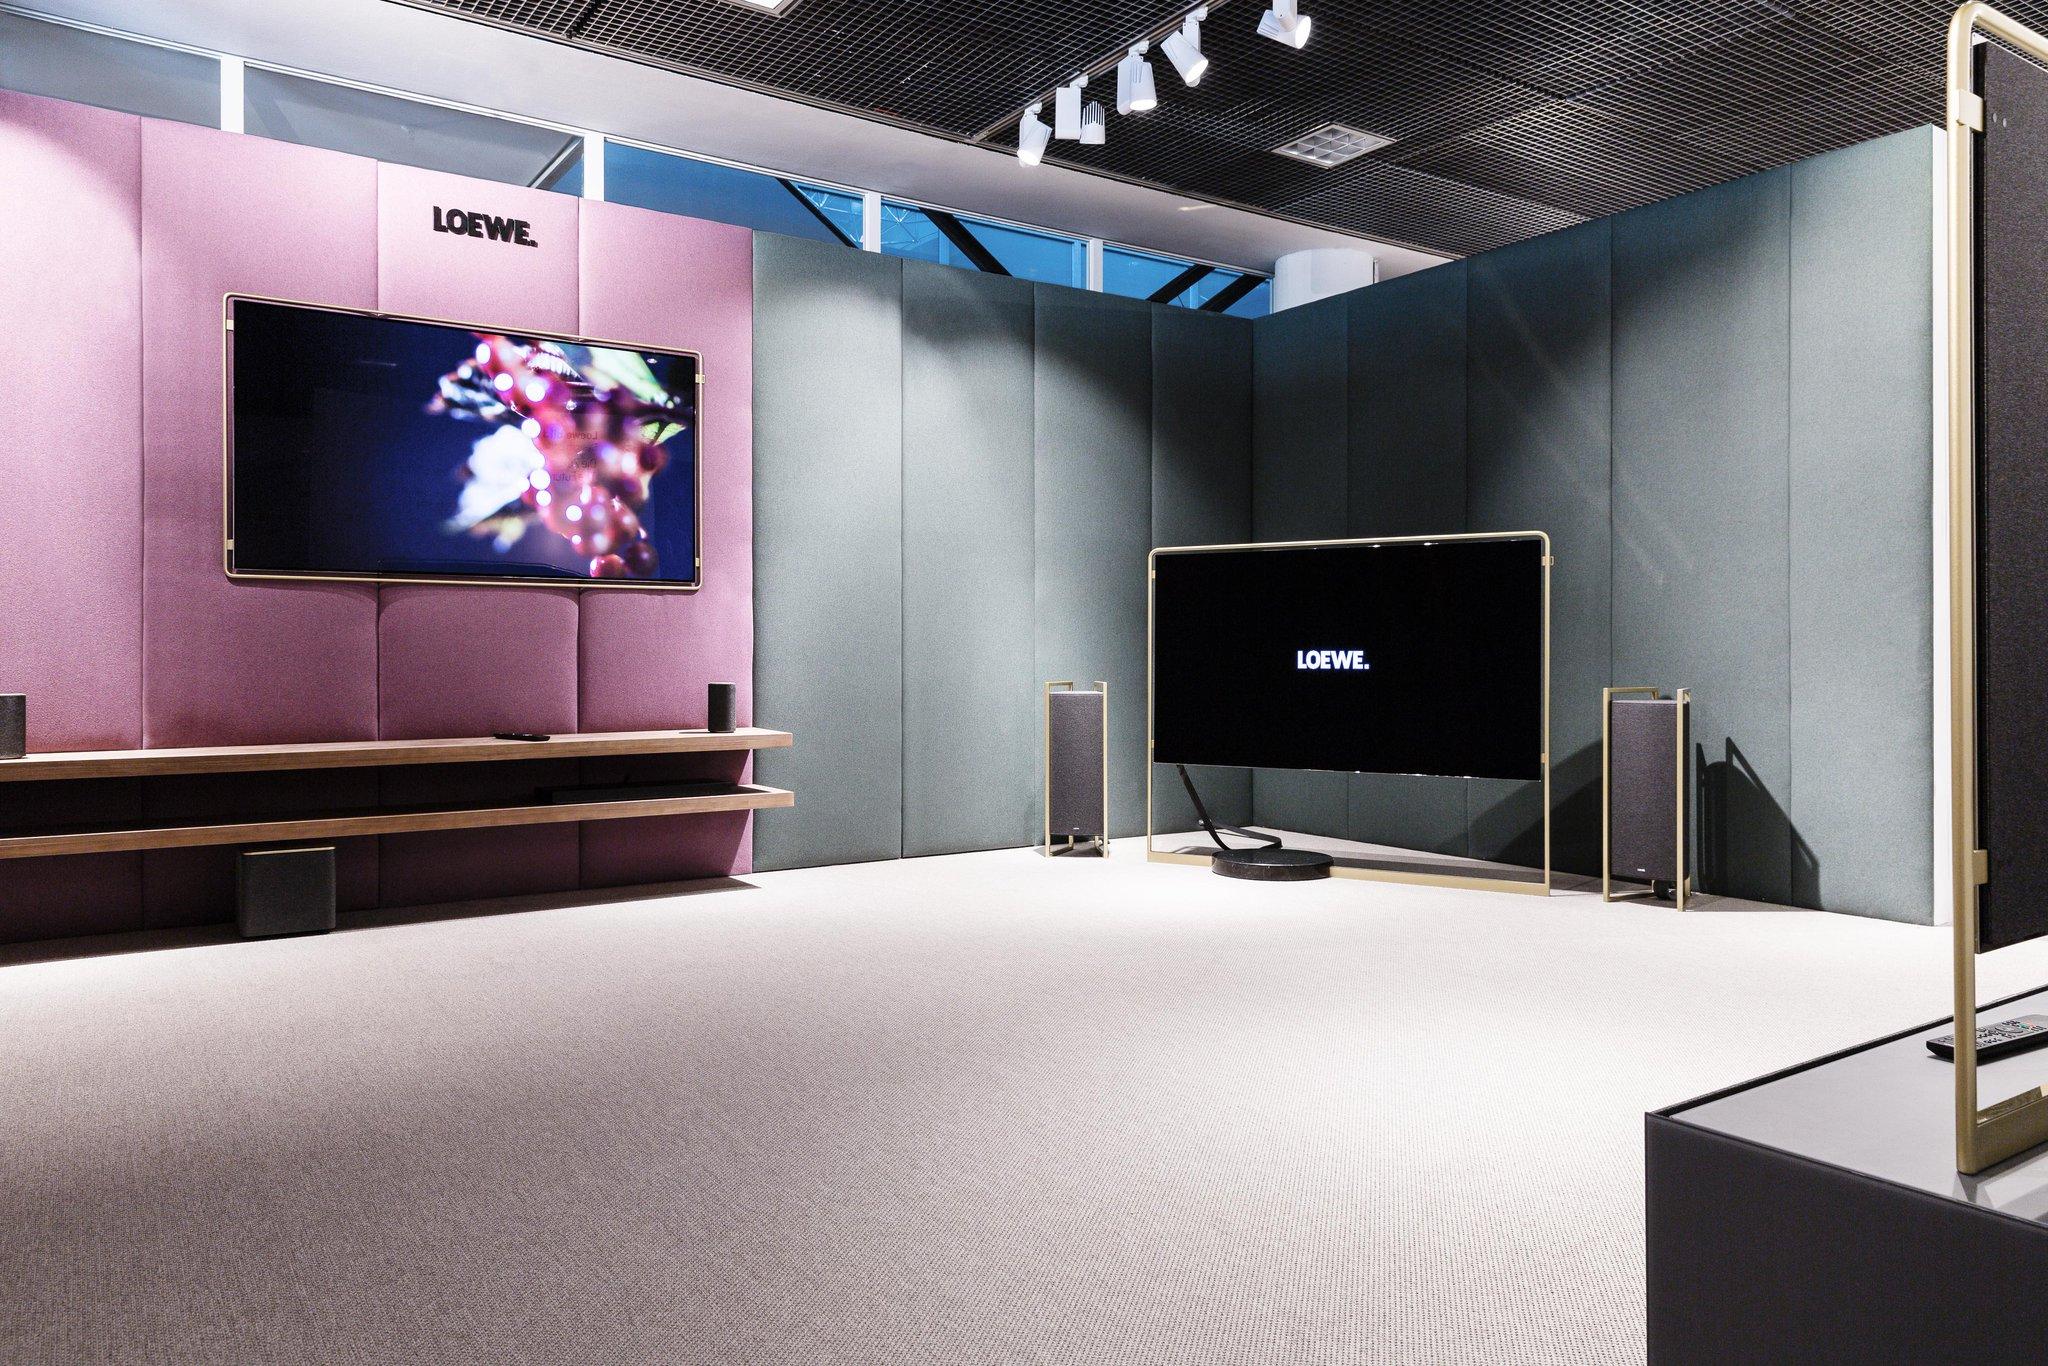 Loewe Bild X televisie